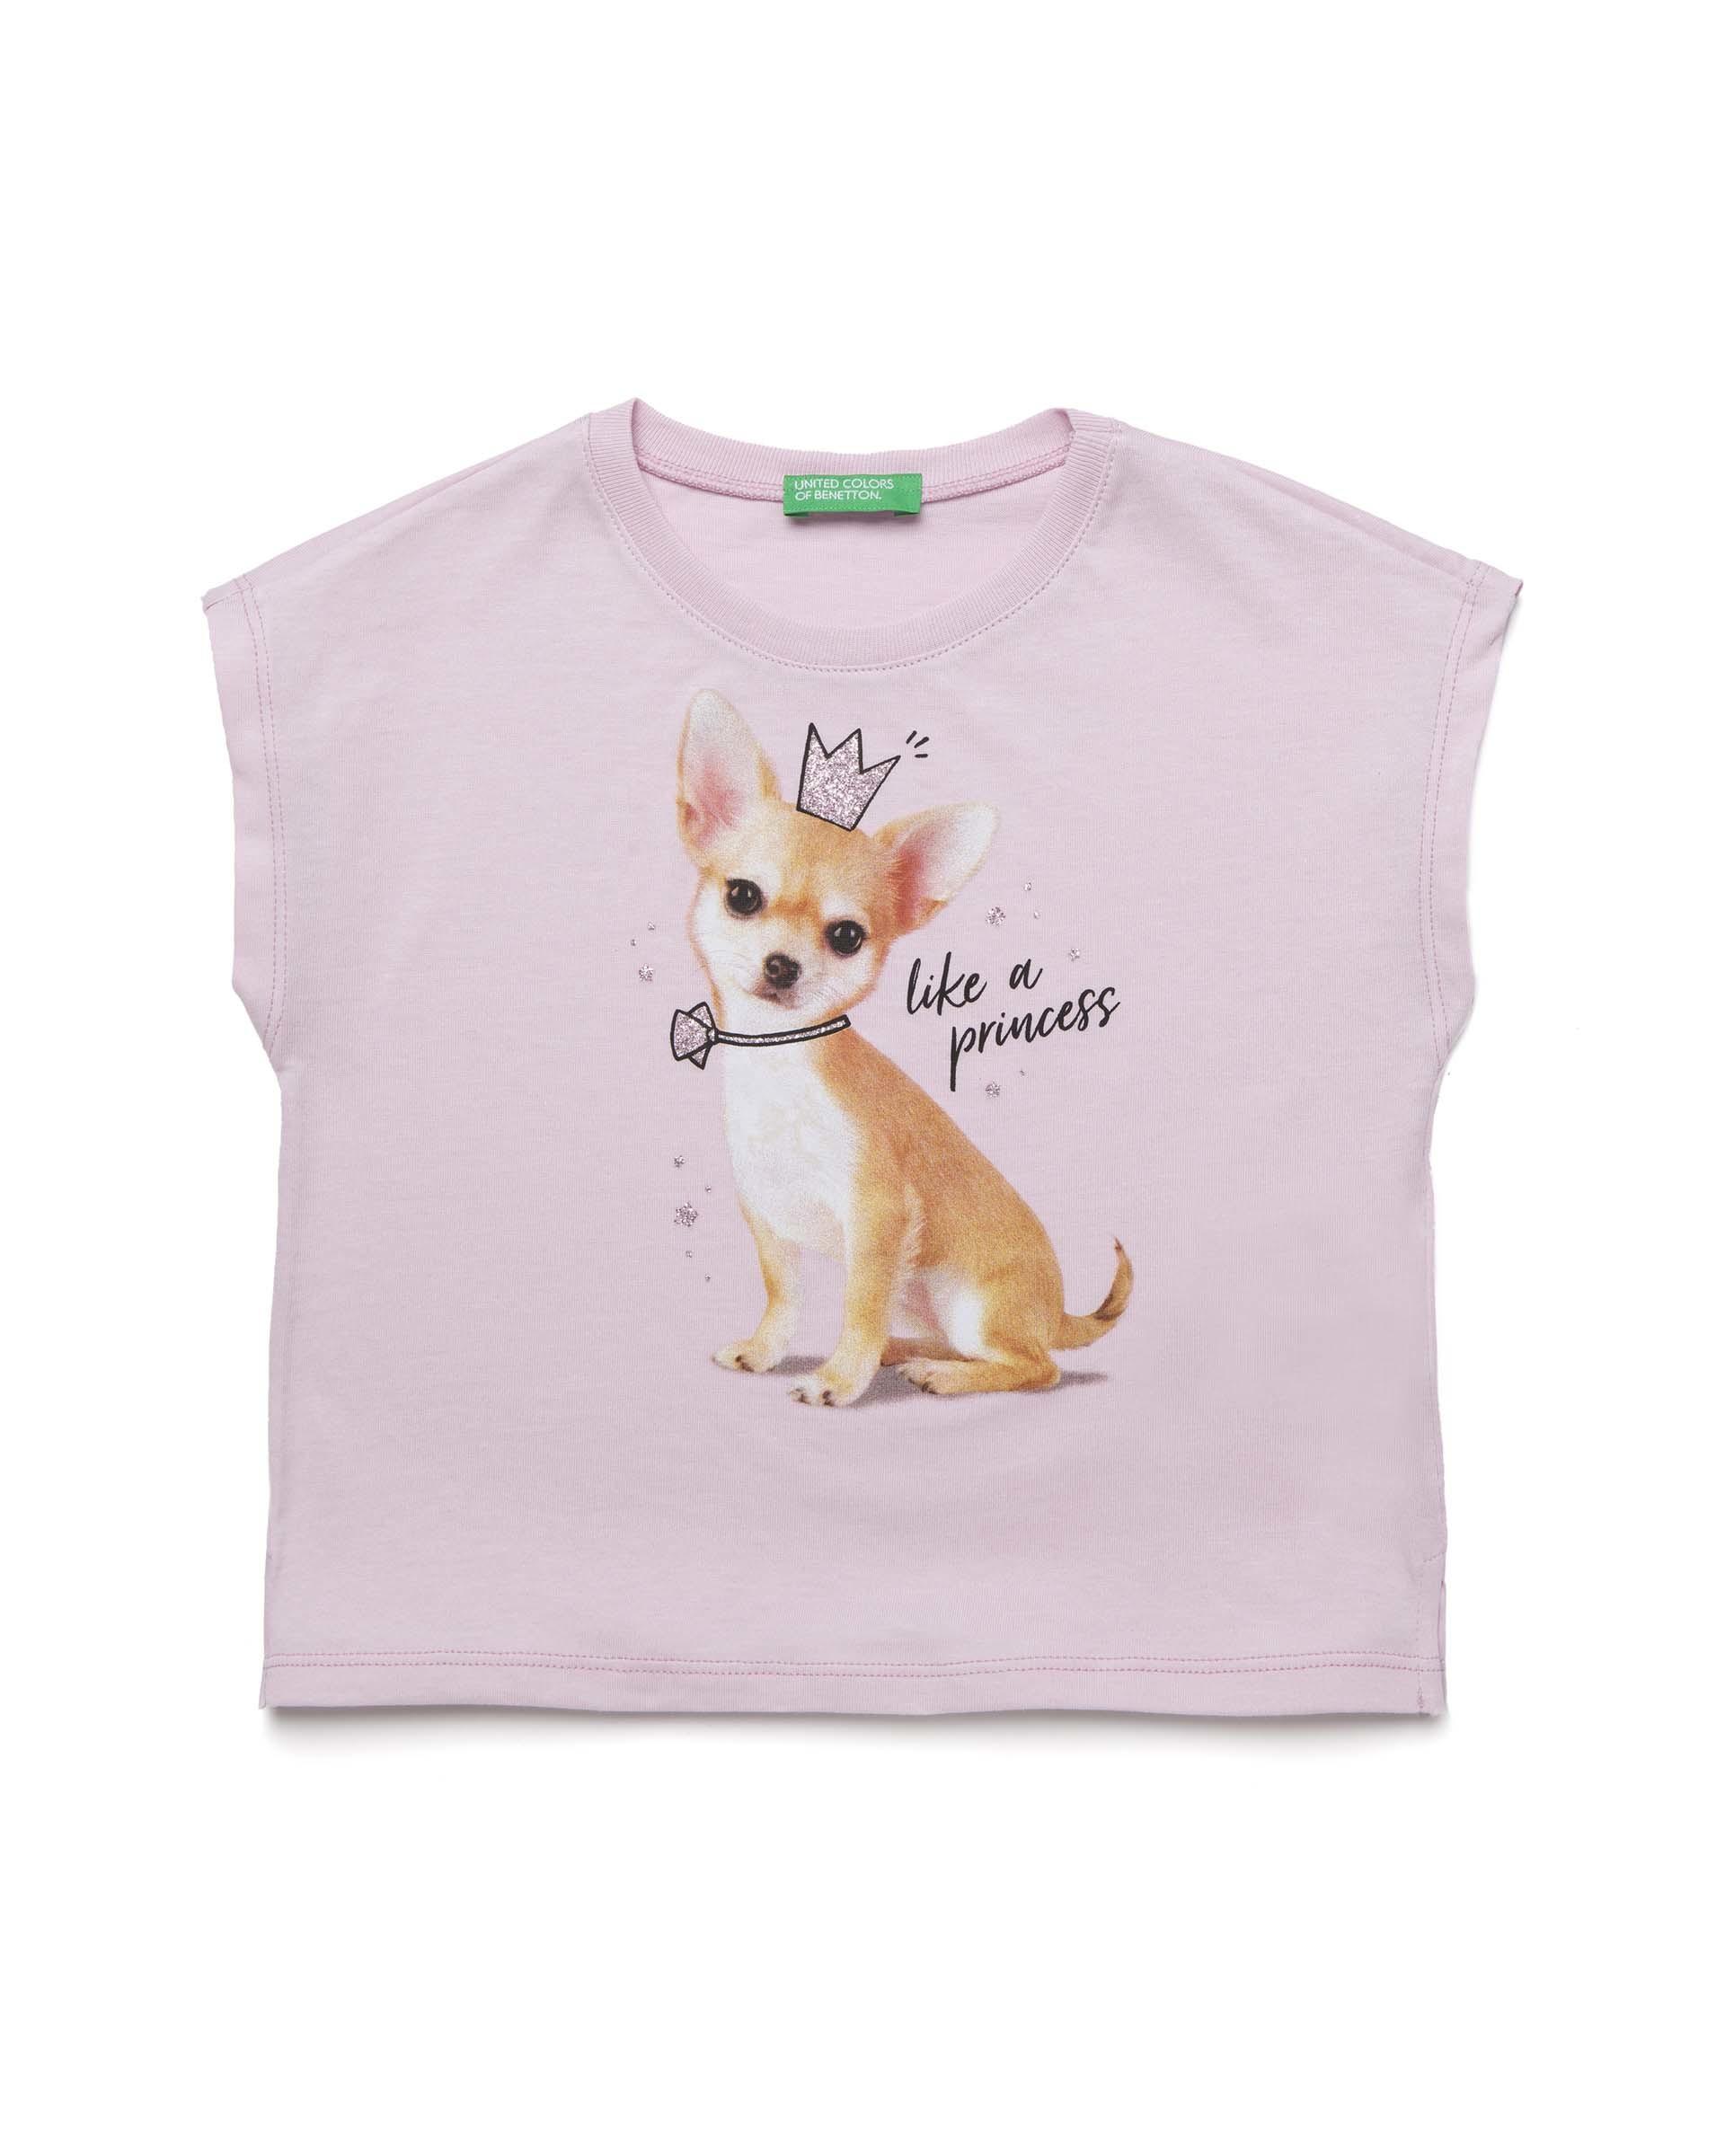 Купить 20P_3096C14LU_07M, Футболка для девочек Benetton 3096C14LU_07M р-р 92, United Colors of Benetton, Кофточки, футболки для новорожденных